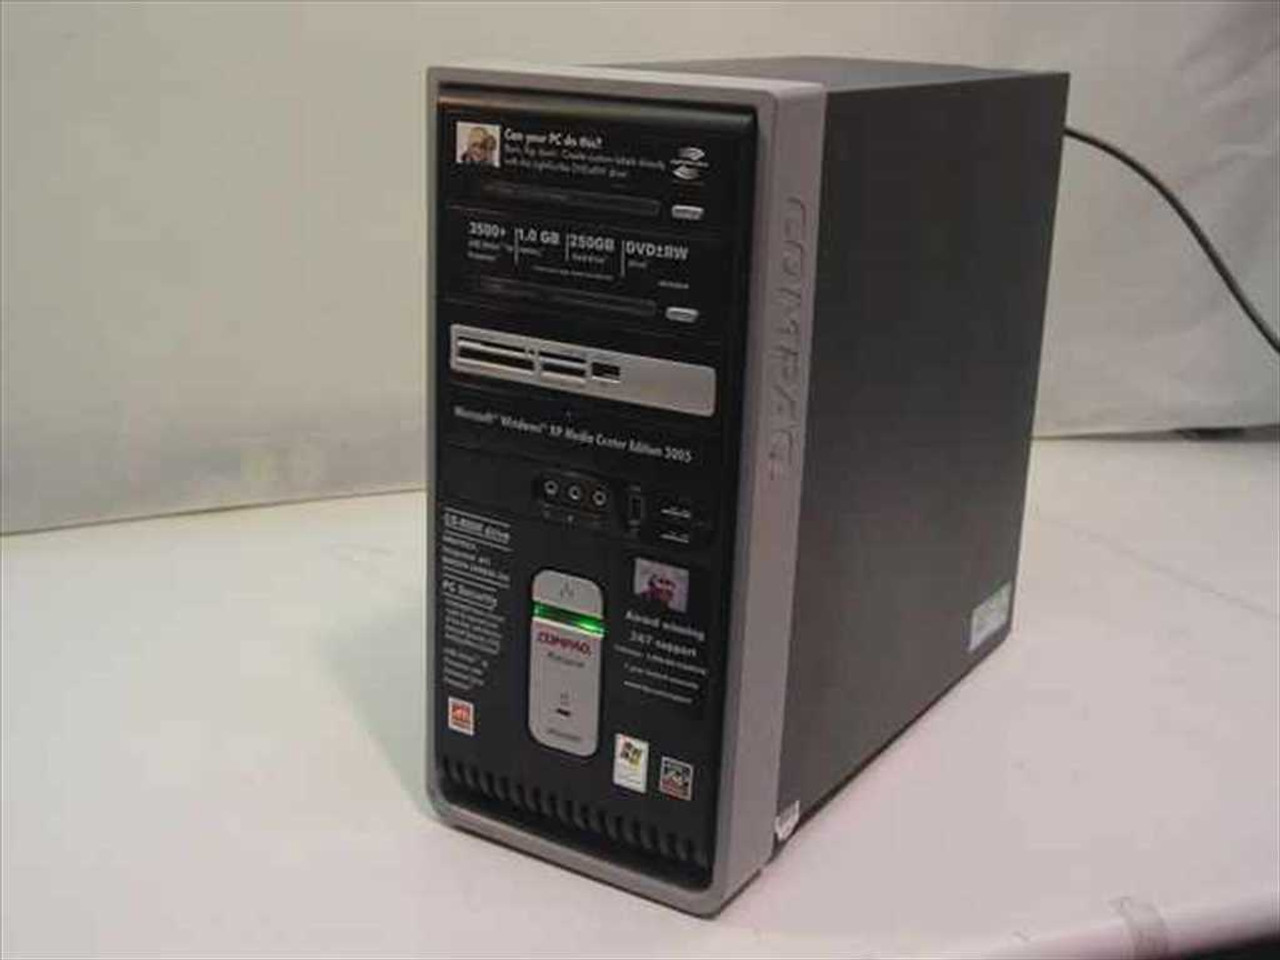 COMPAQ PRESARIO SR1650NX 64BIT DRIVER